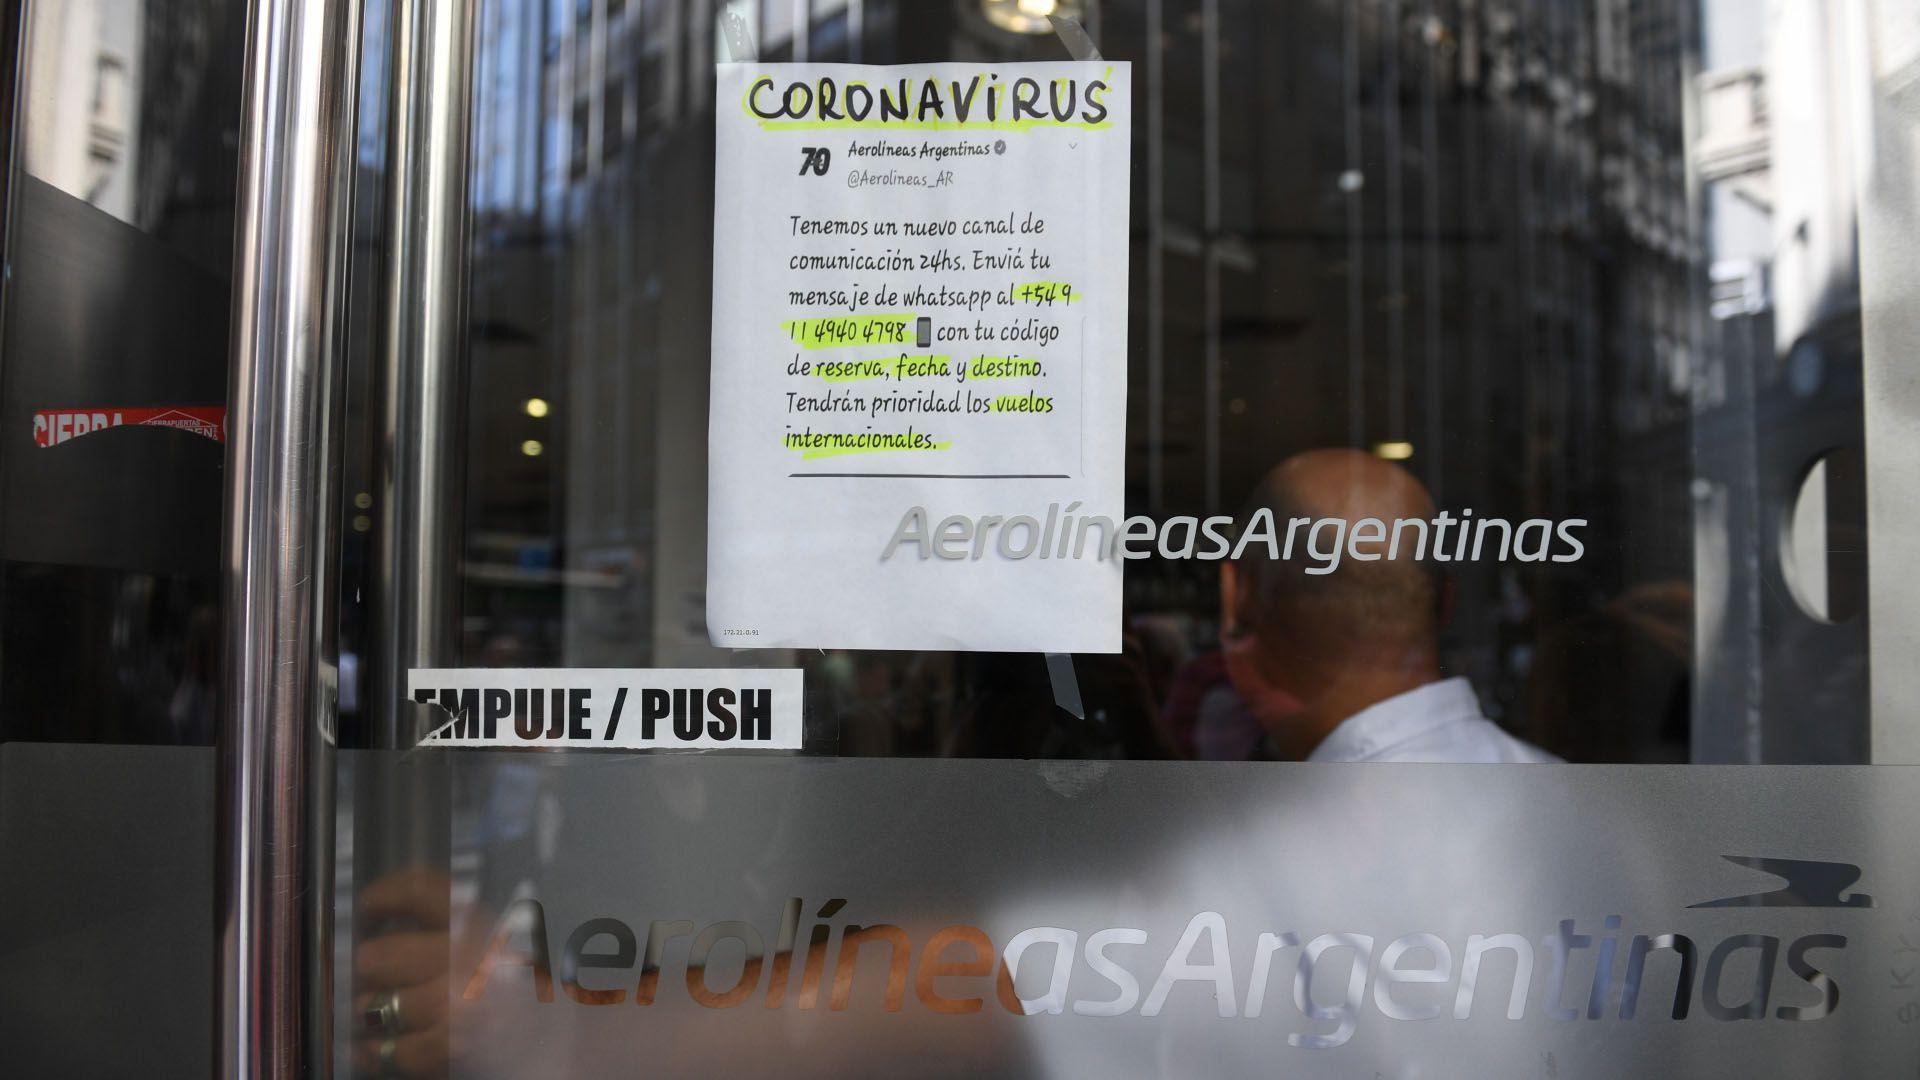 Aerolíneas dispuso 18 vuelos especiales que ya tiene programados Aerolíneas Argentinas, se sumarán también otros vuelos de compañías extranjeras (Maximiliano Luna)